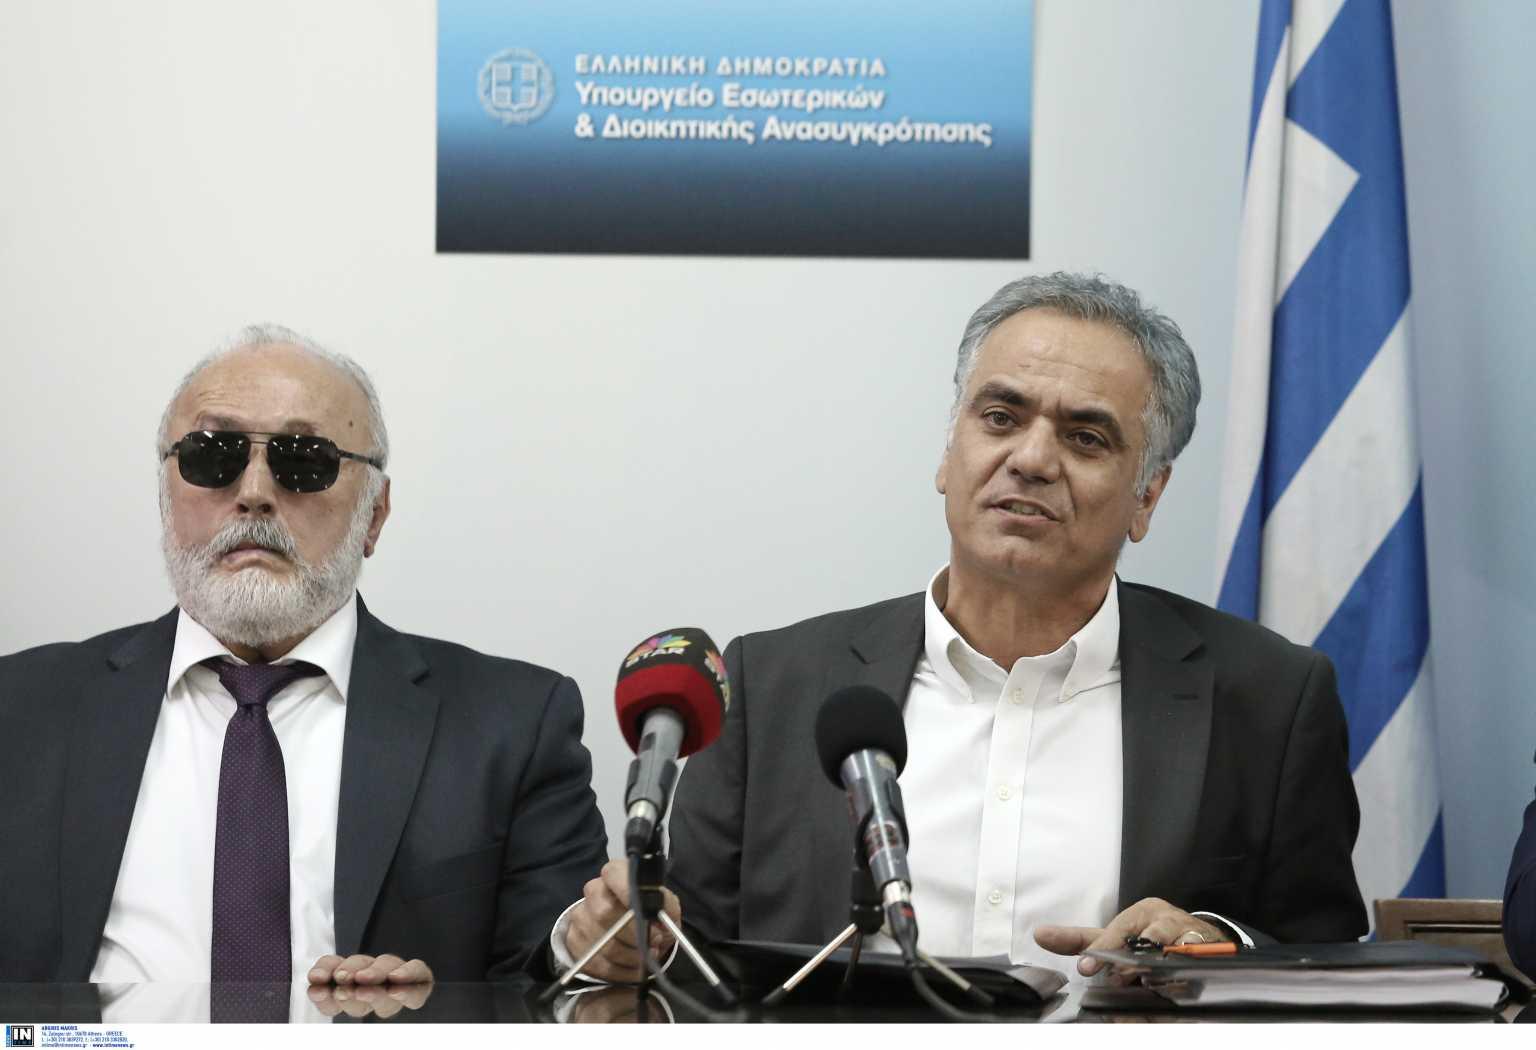 ΣΥΡΙΖΑ: «Σκοτώθηκαν» Σκουρλέτης και Κουρουμπλής – Το παρασκήνιο της συνεδρίασης